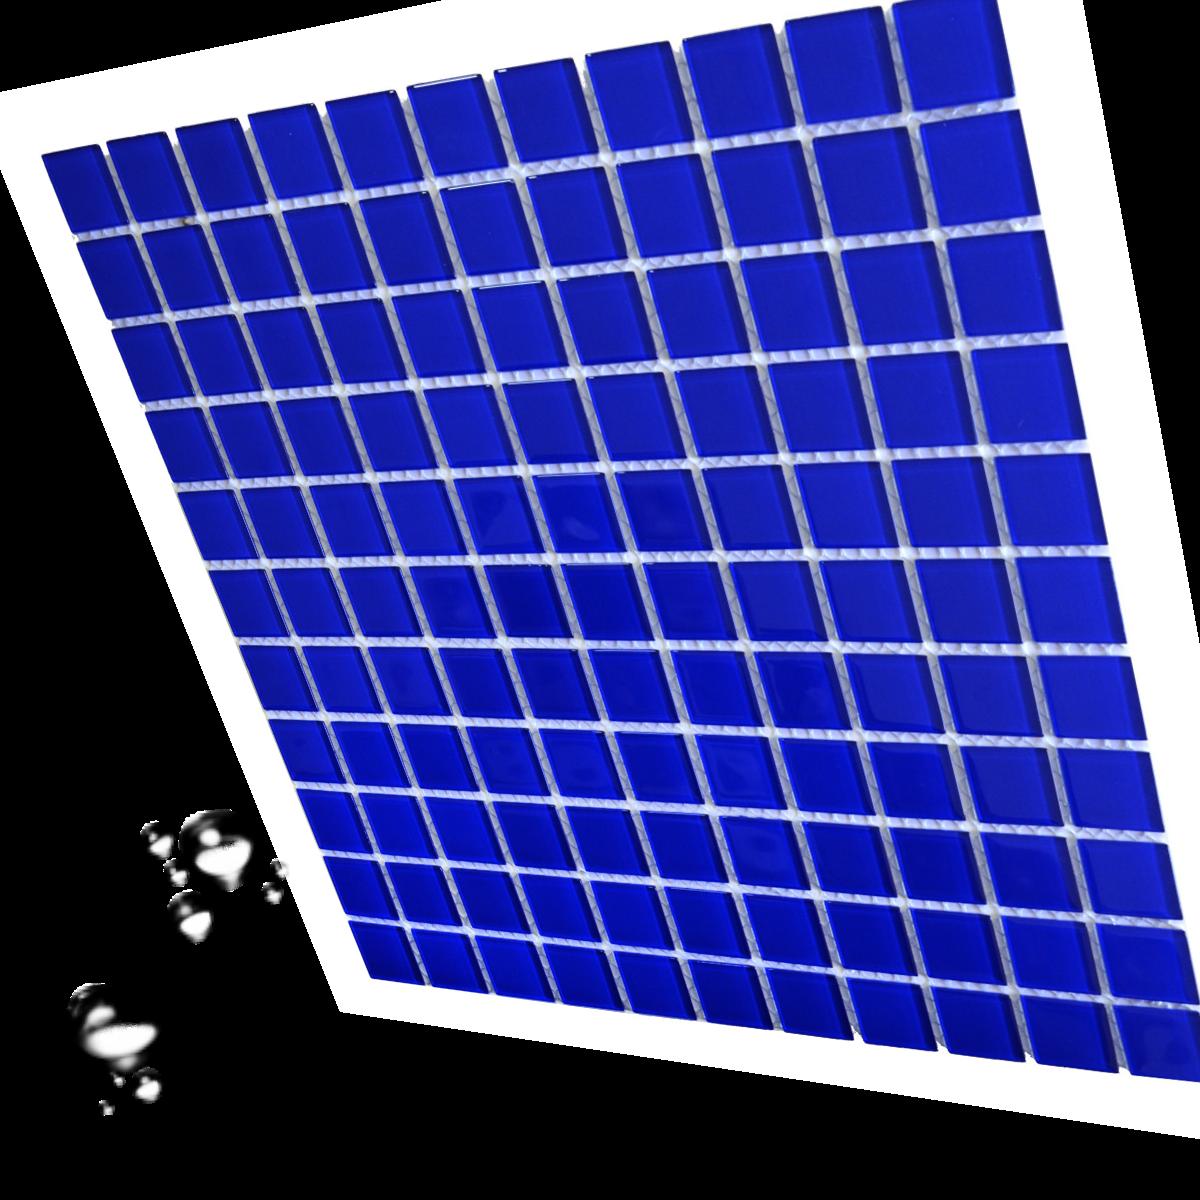 Мозаика стеклянная для бассейна и хаммама Aquaviva Сristall кобальт DCM307 для бассейна